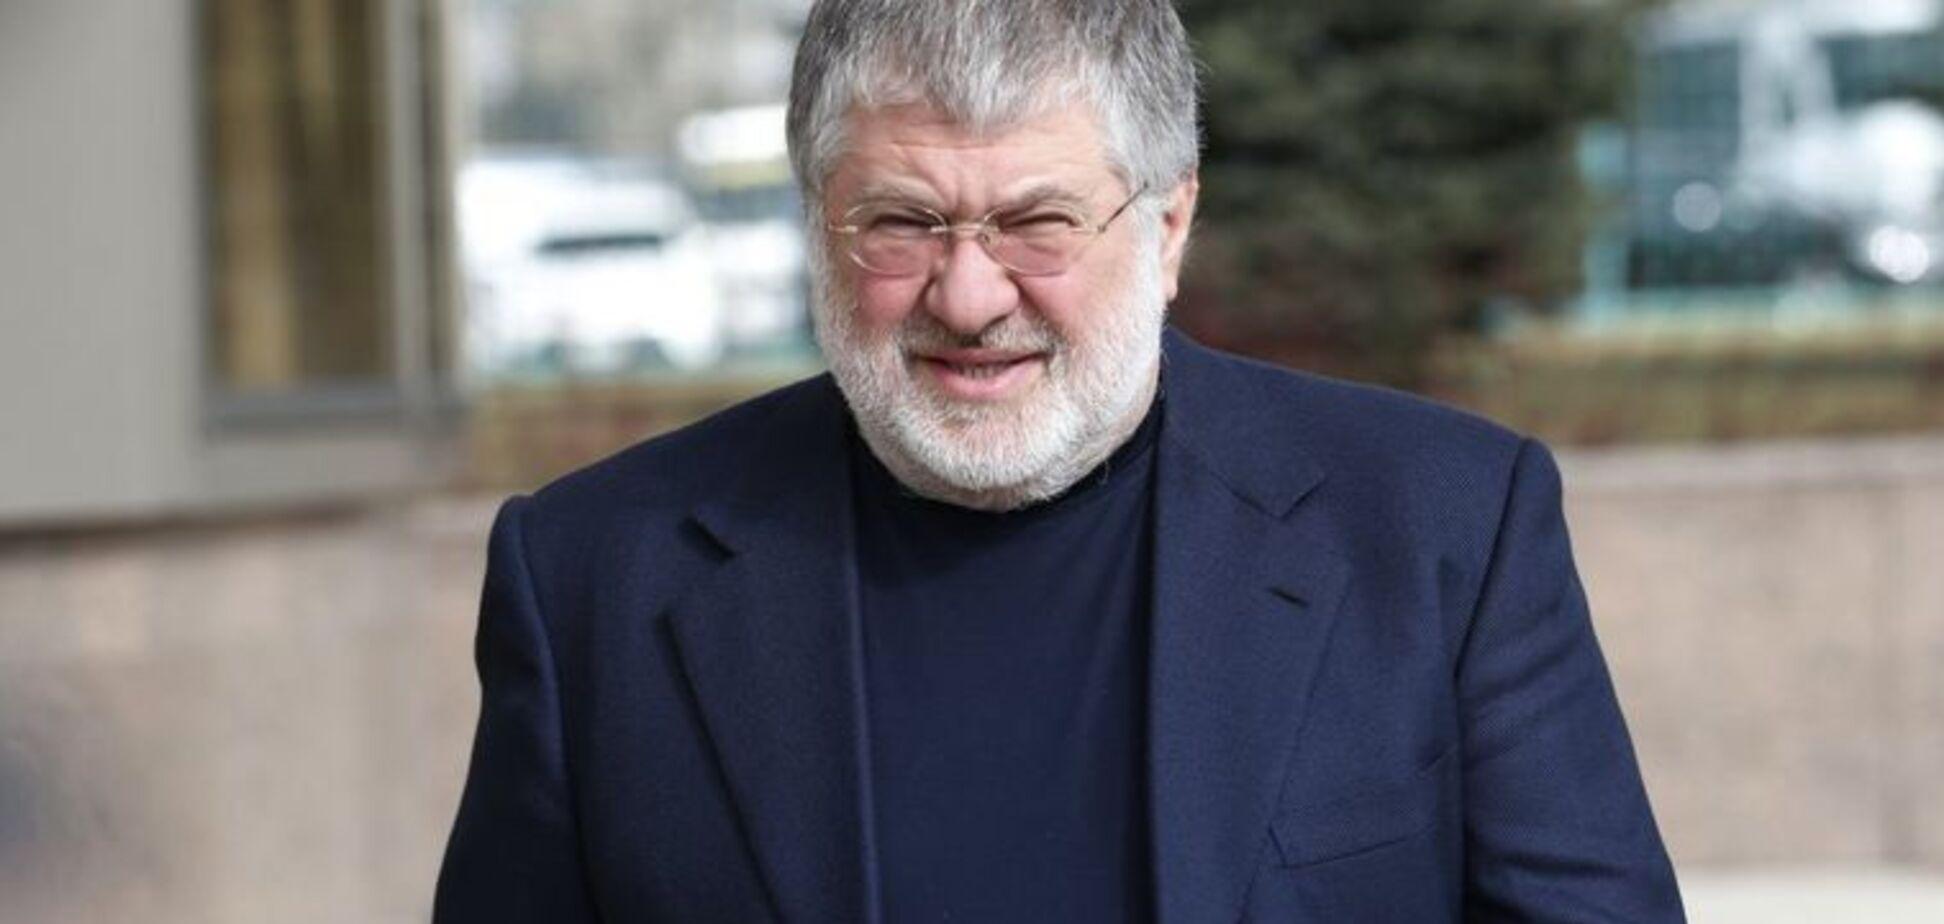 Ему лучше не быть уже нардепом — Коломойский отреагировал на скандал с Медяником